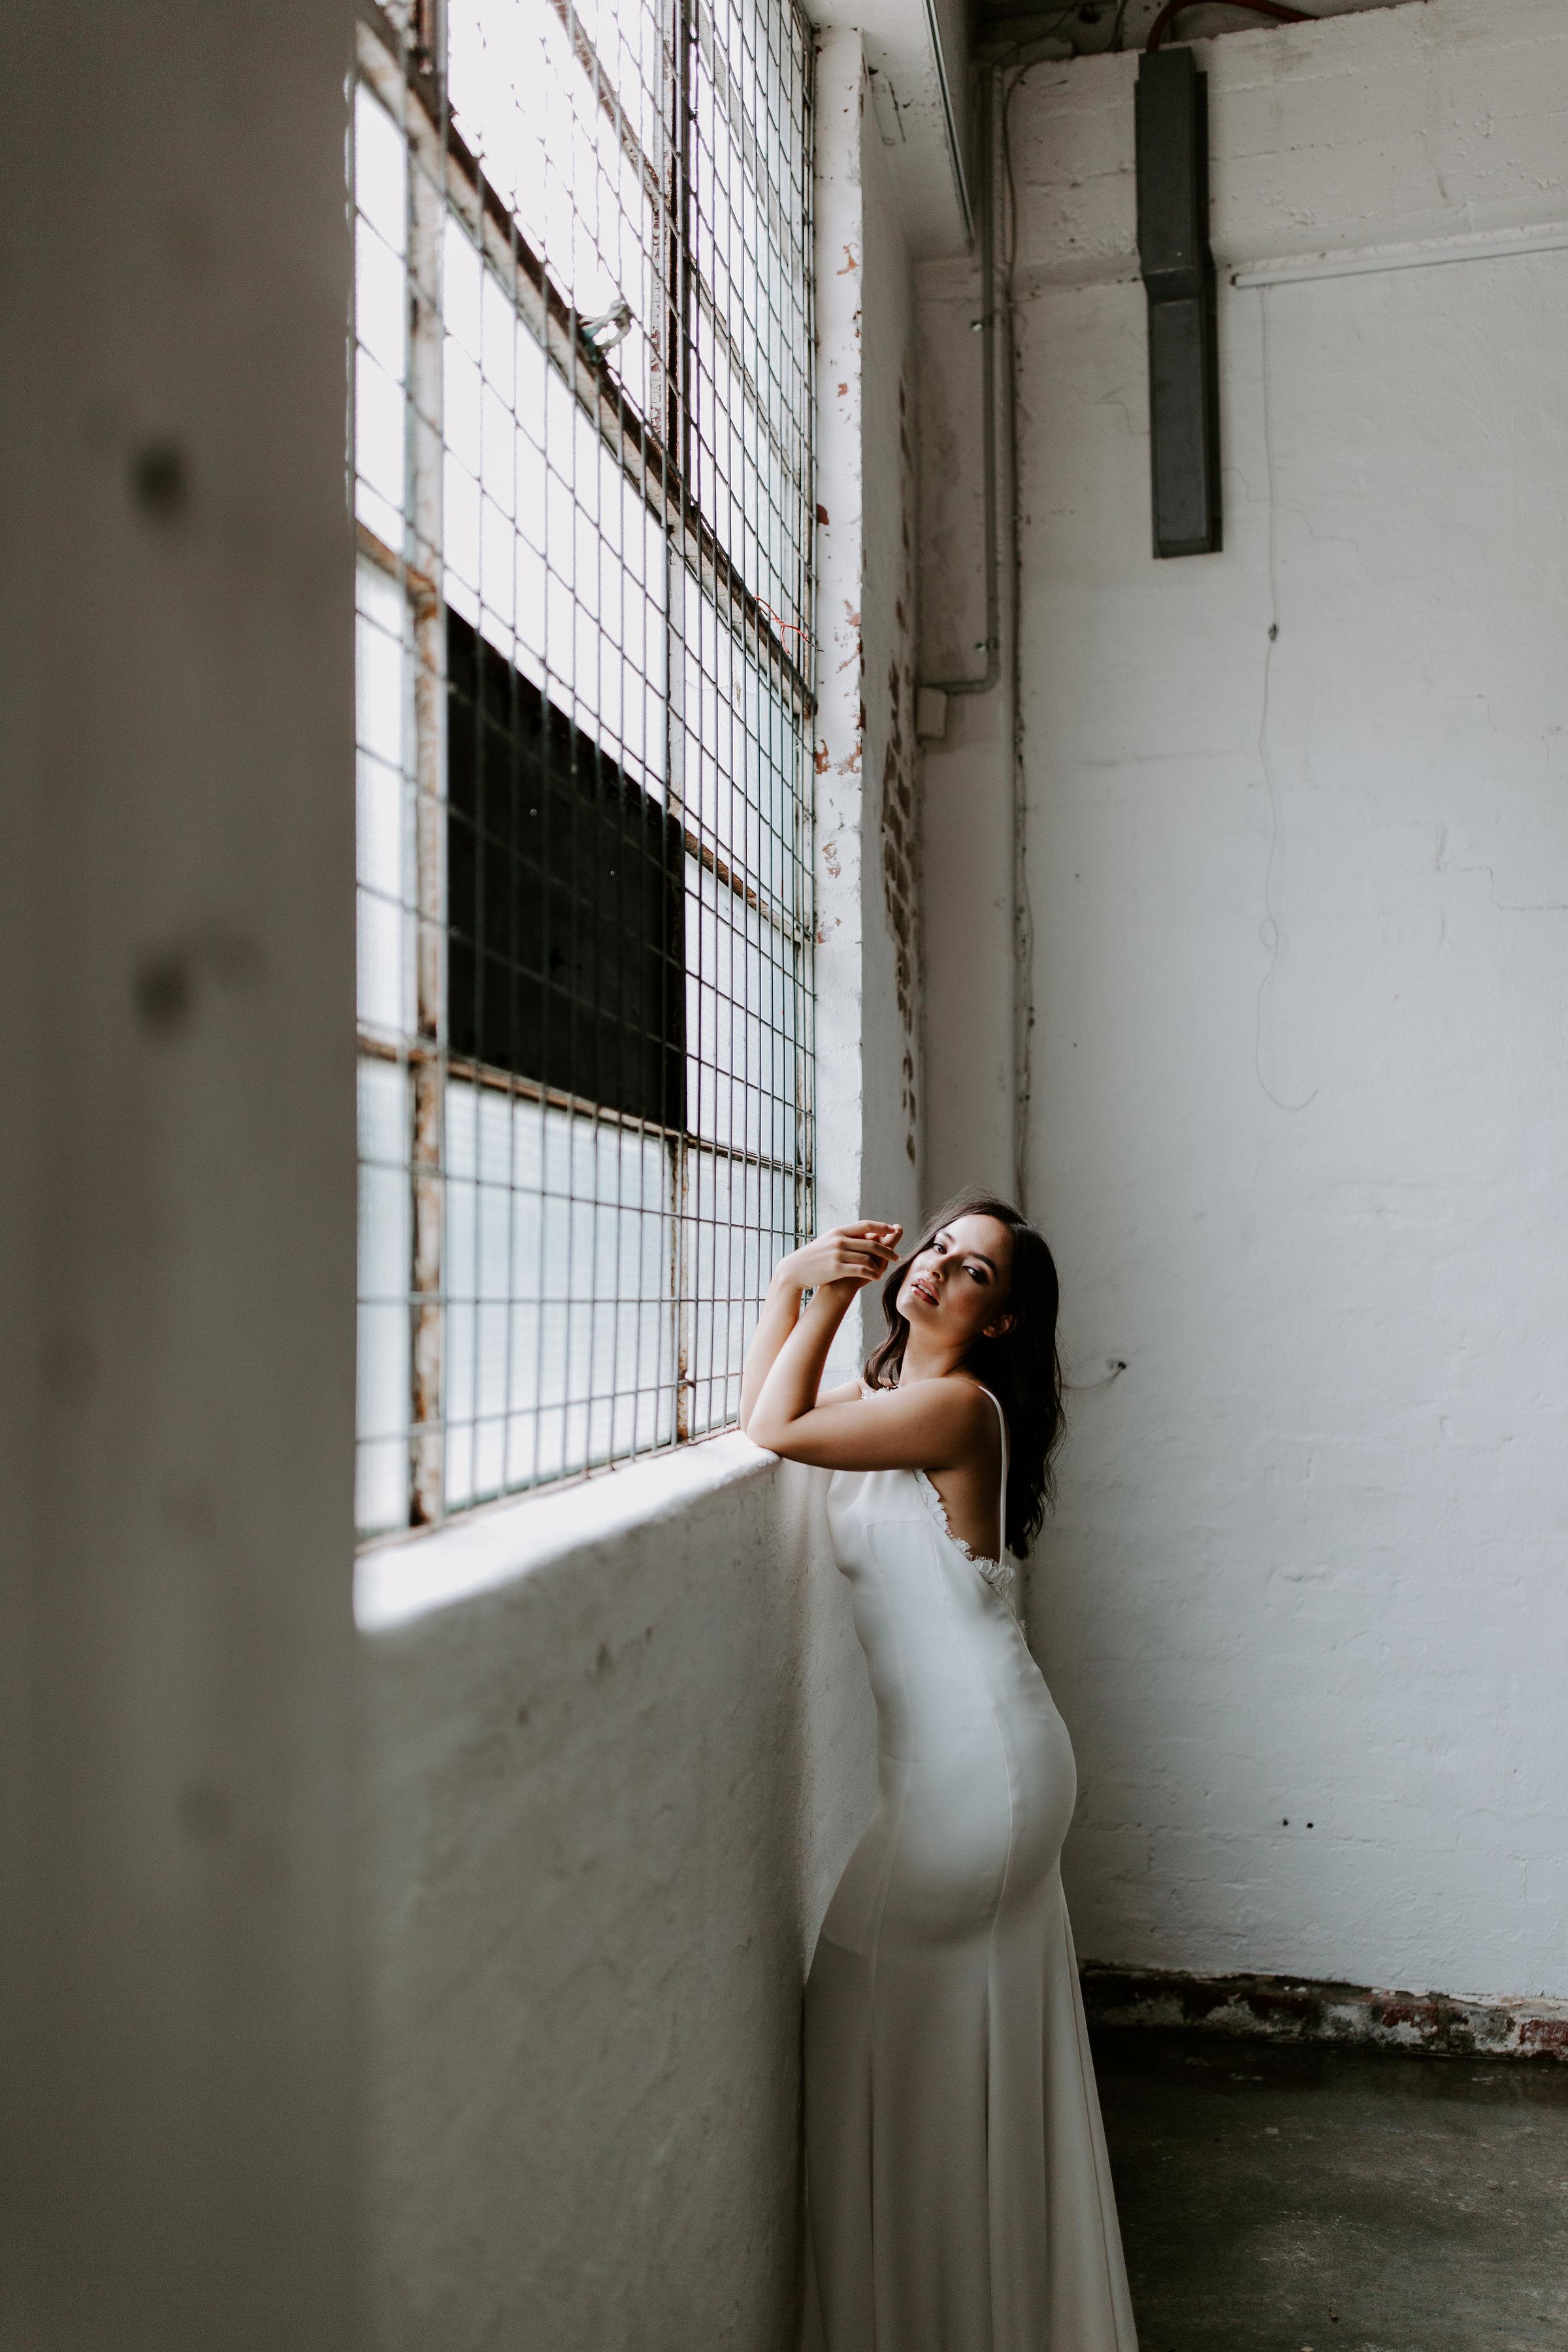 SamanthaSimone©-113.jpg